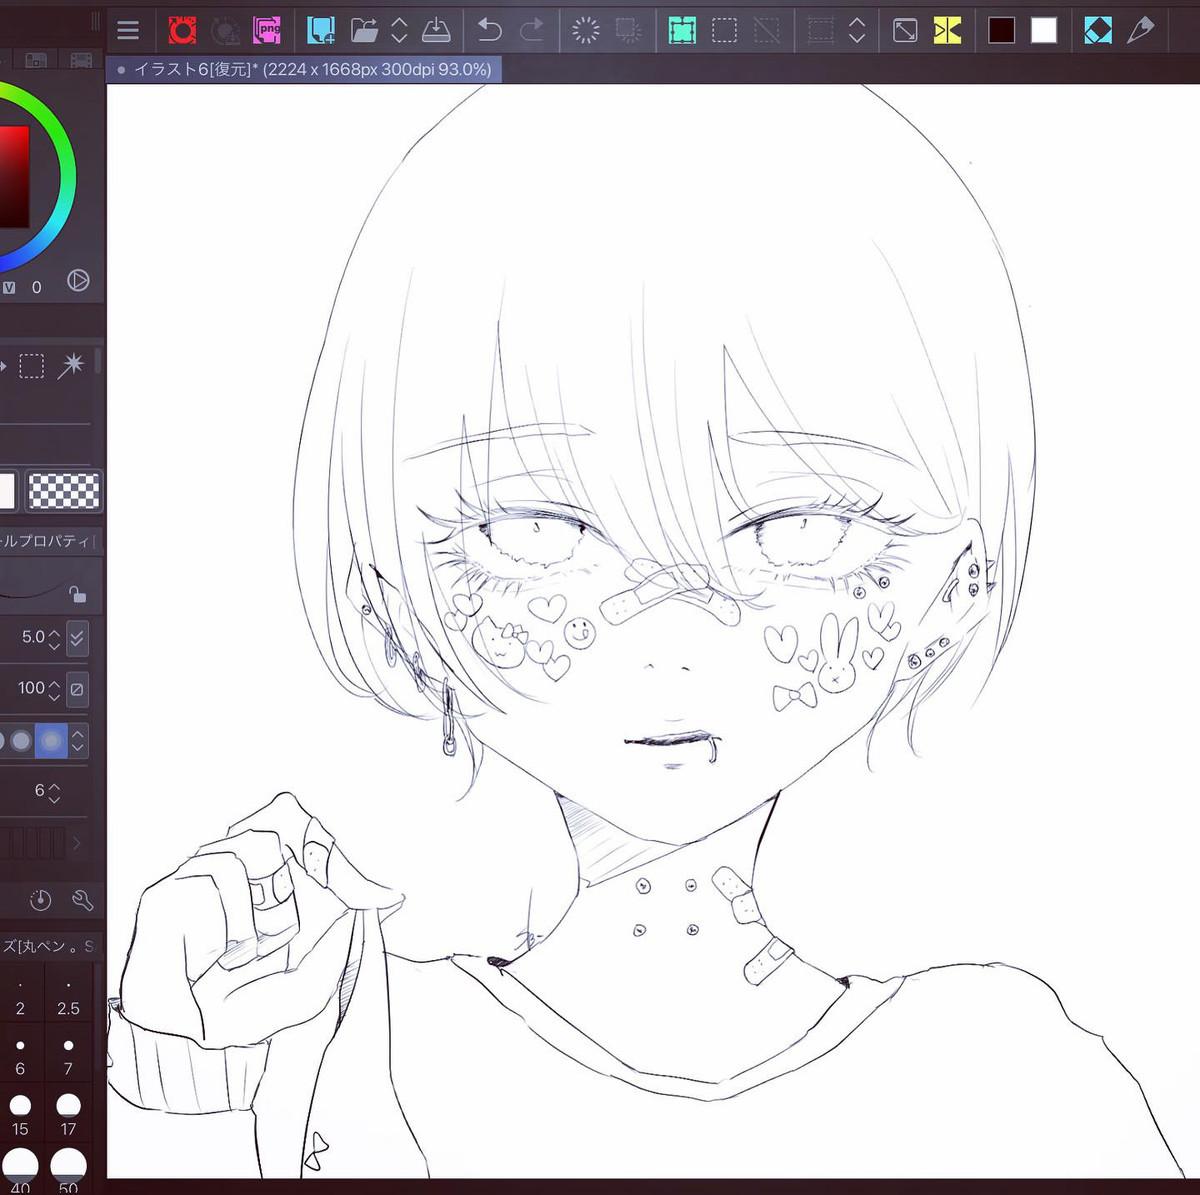 f:id:harucu_te:20210914141212j:plain